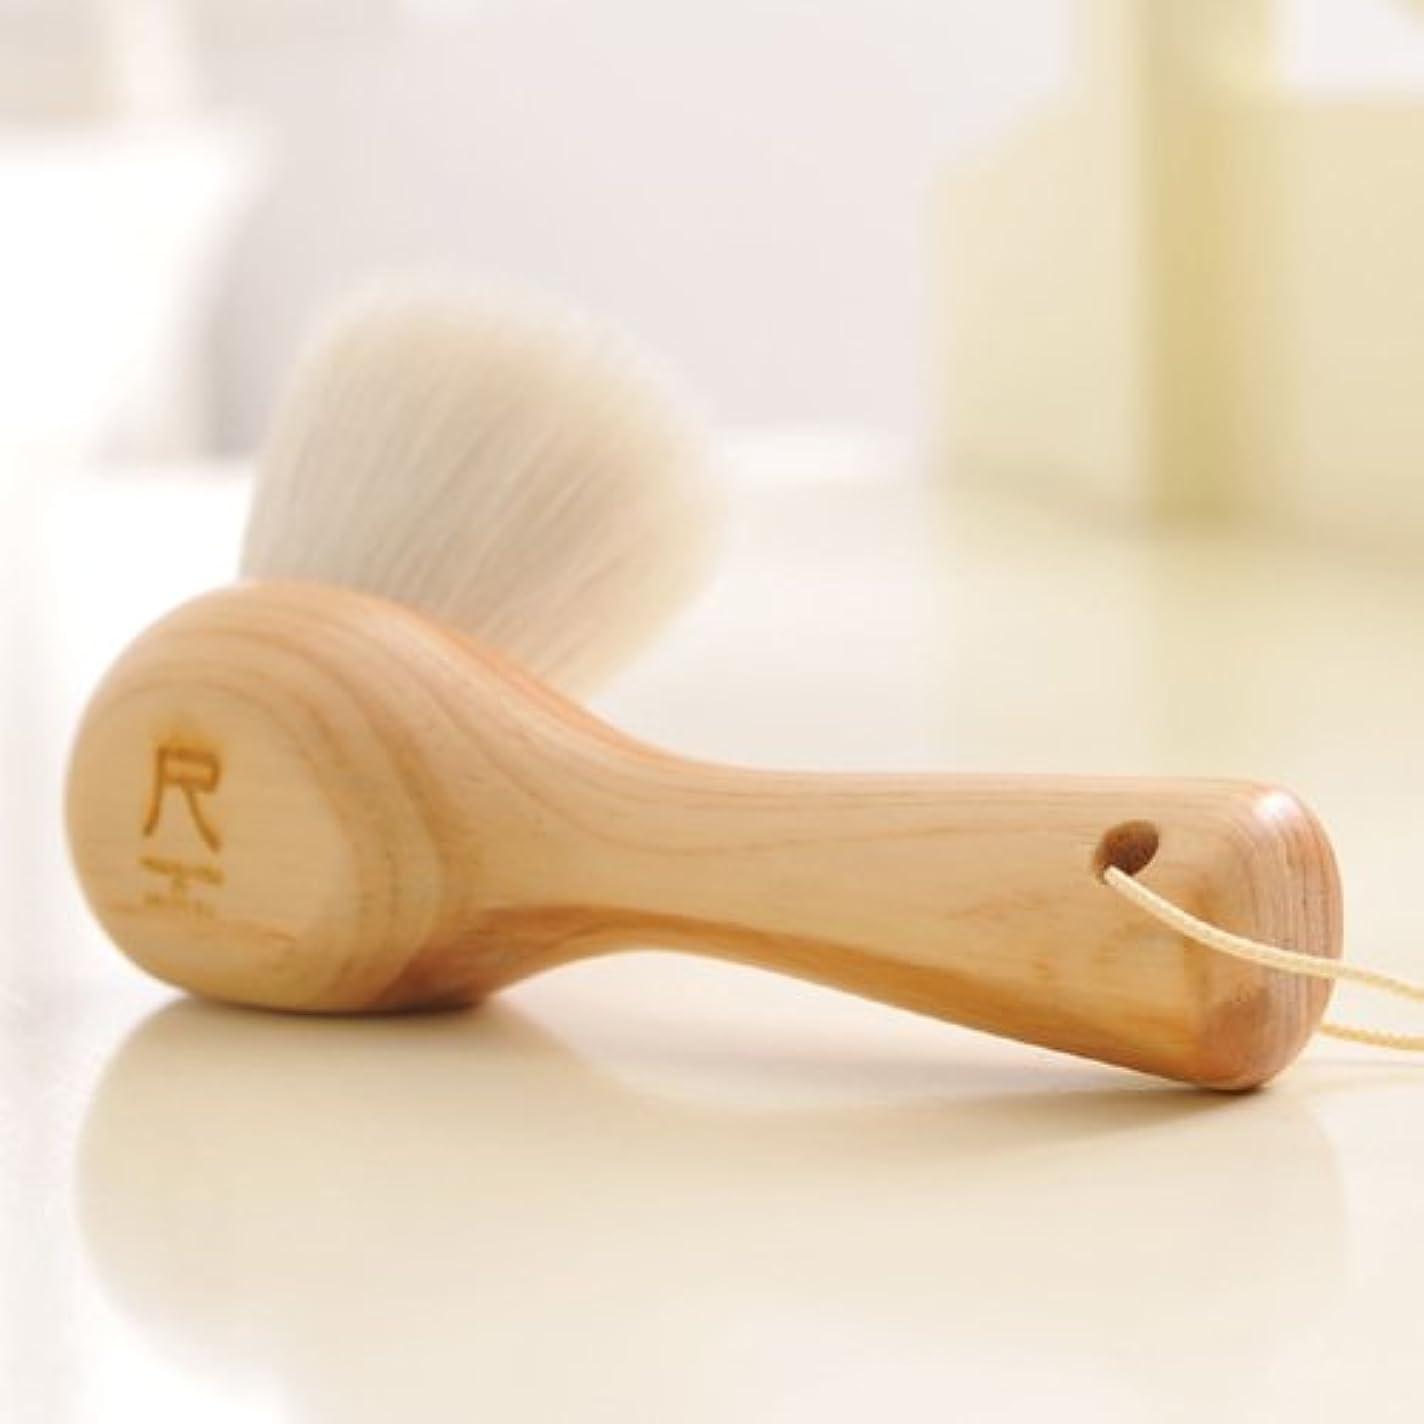 大腿滑る尺 洗顔ブラシ(白箱版)